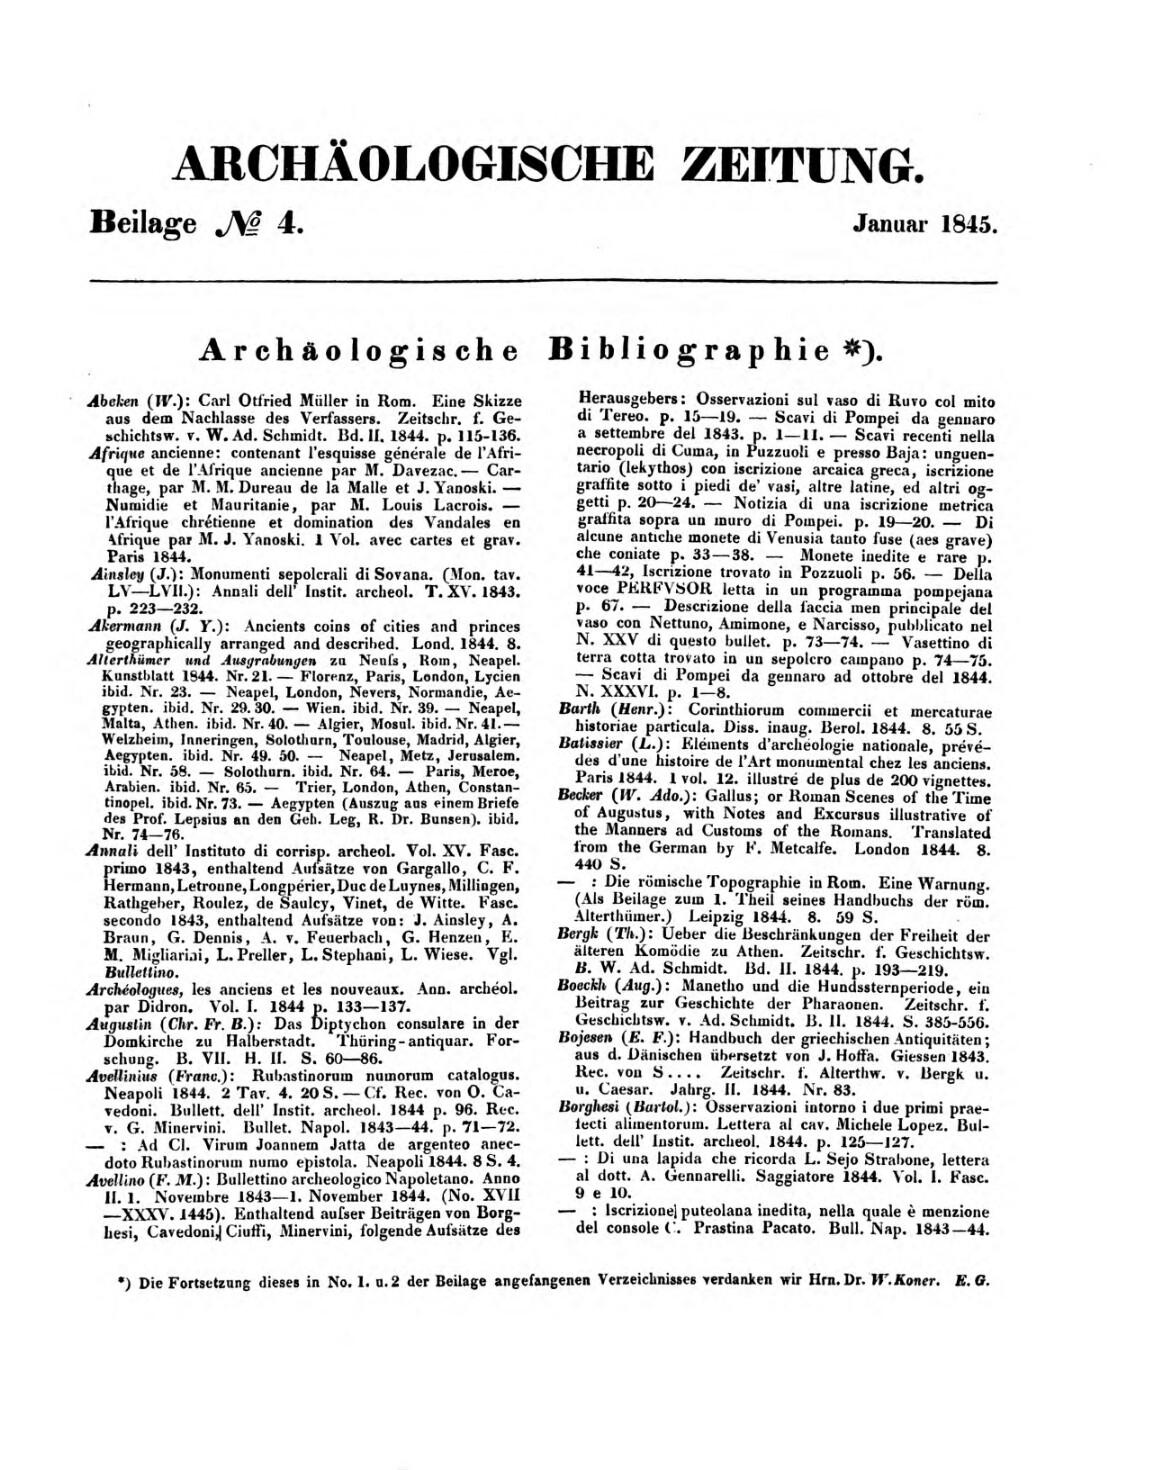 Archäologische Zeitung